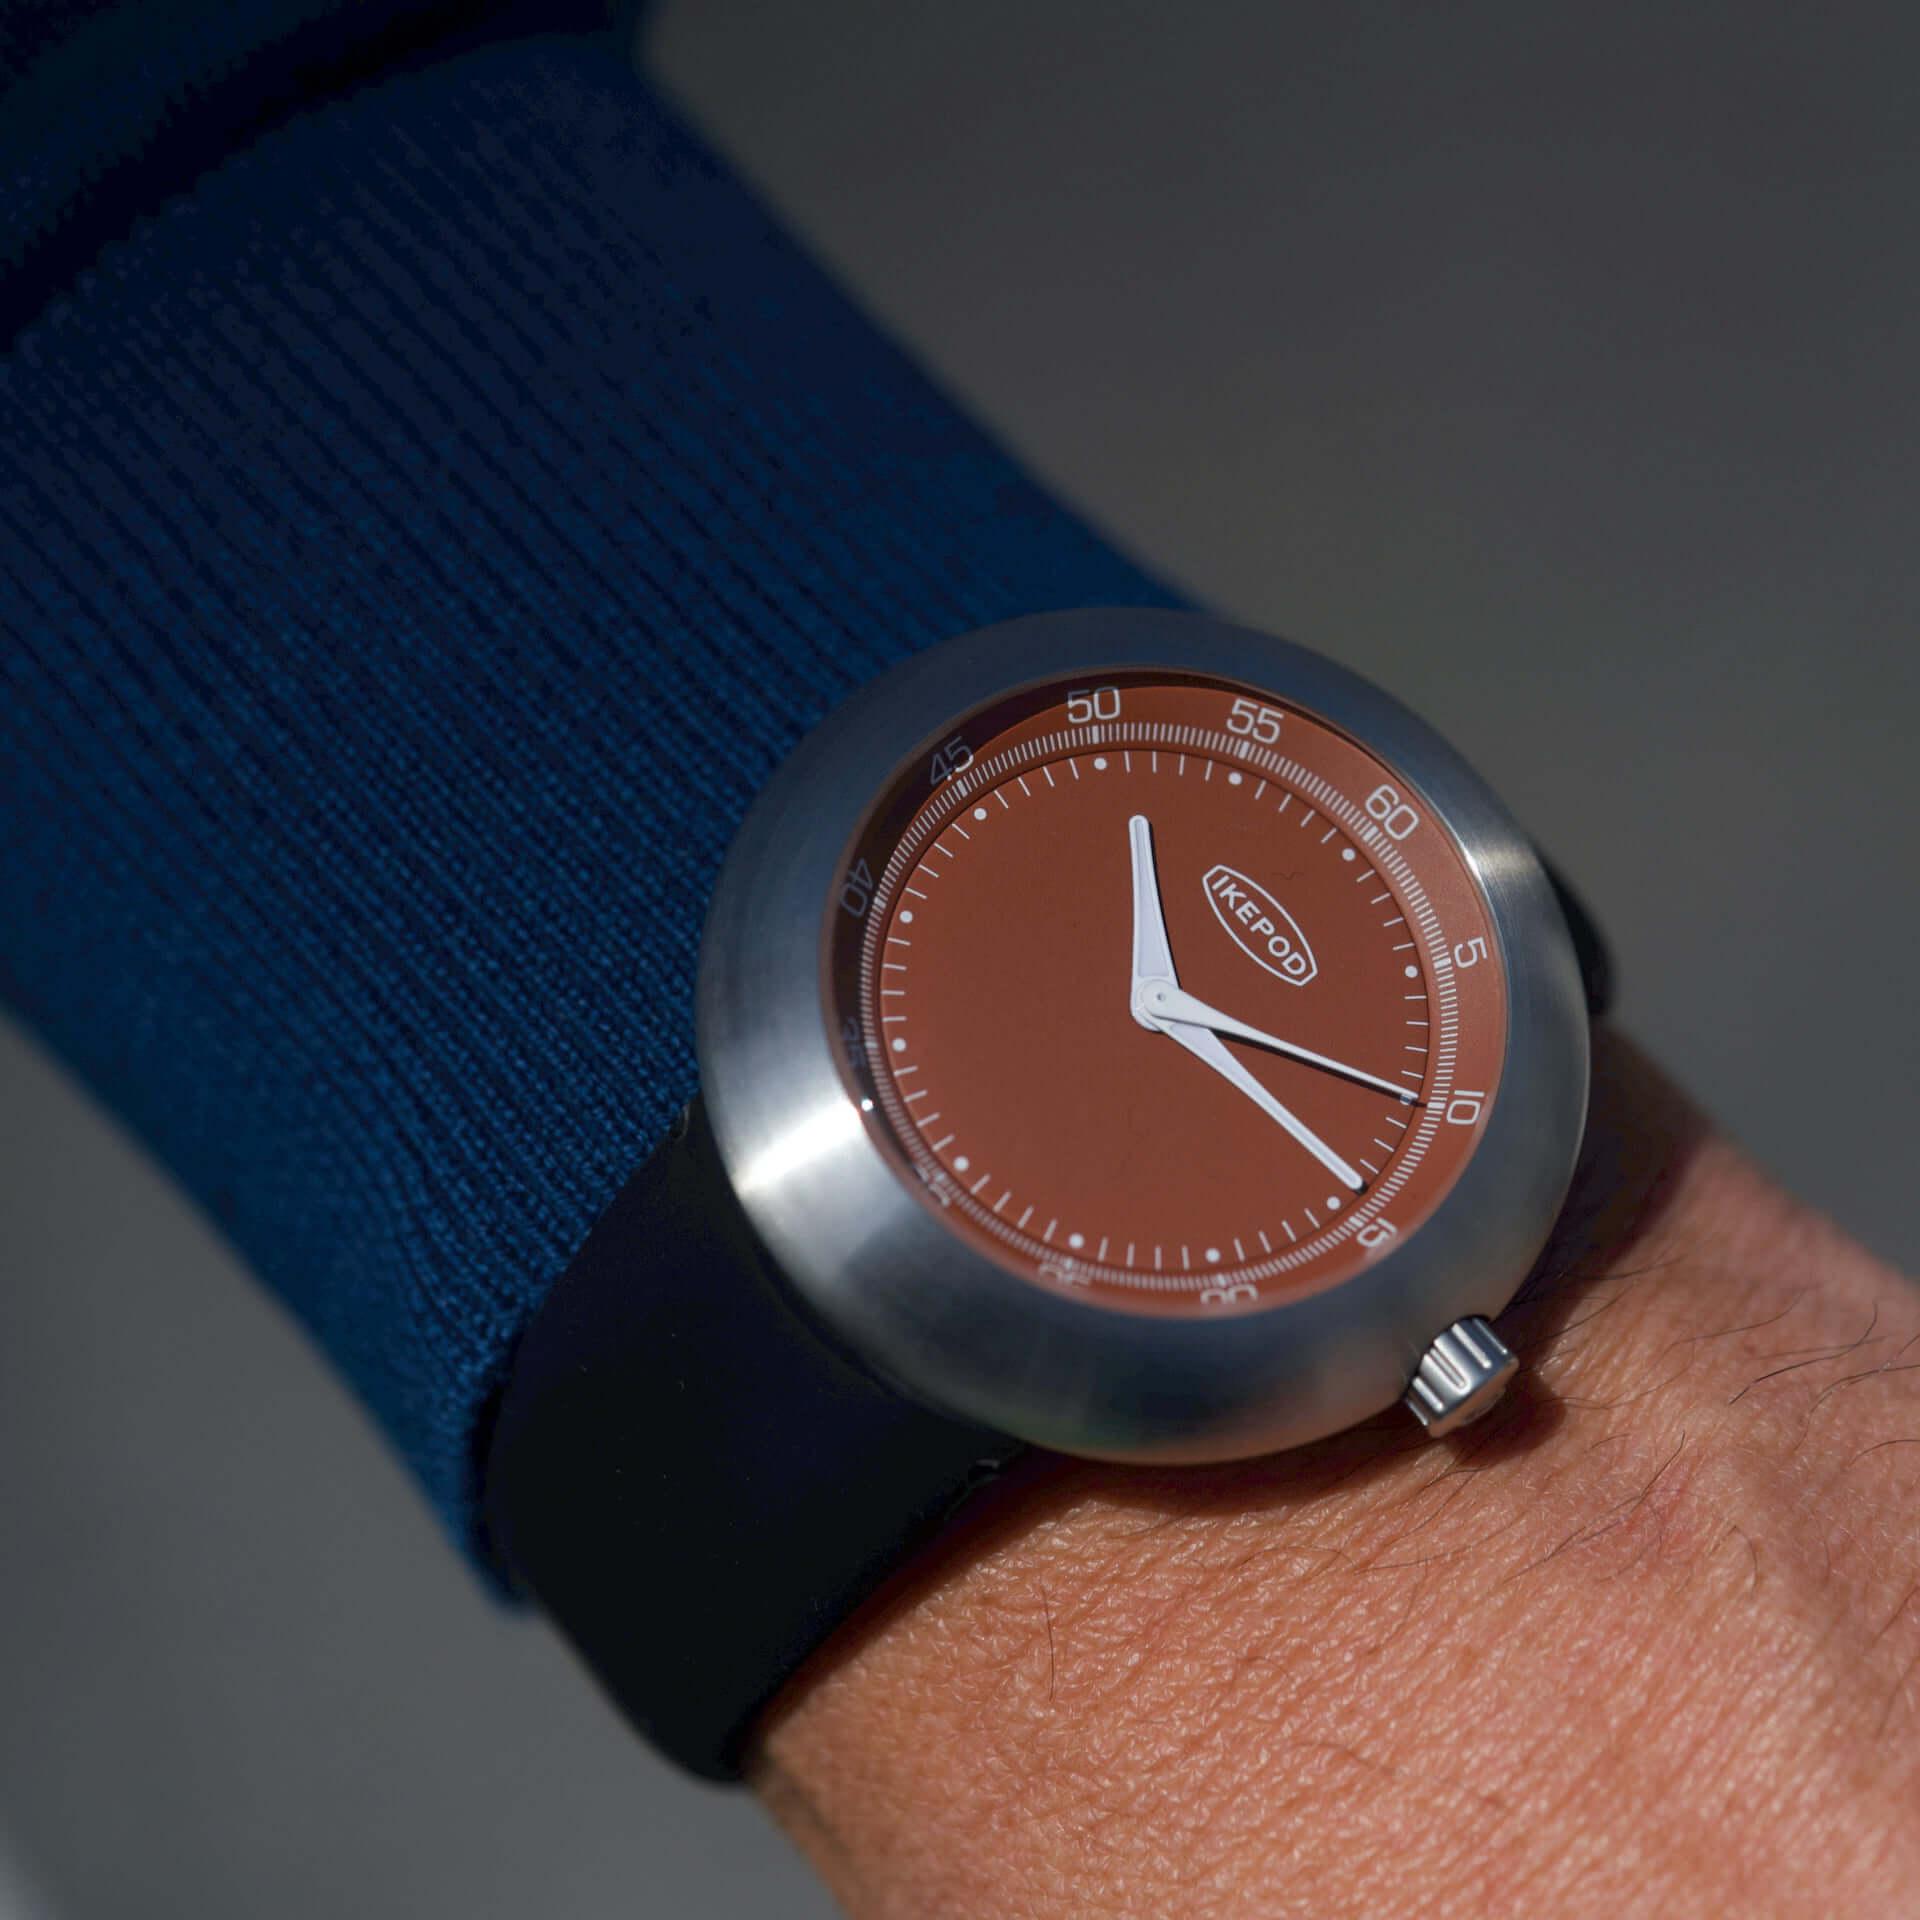 世界で50本のみ!スイス時計ブランド・IKEPODの新コレクション「Megapod」から、復活後初の限定モデルが発売決定 life200610_ikepod_megapod_5-1920x1920